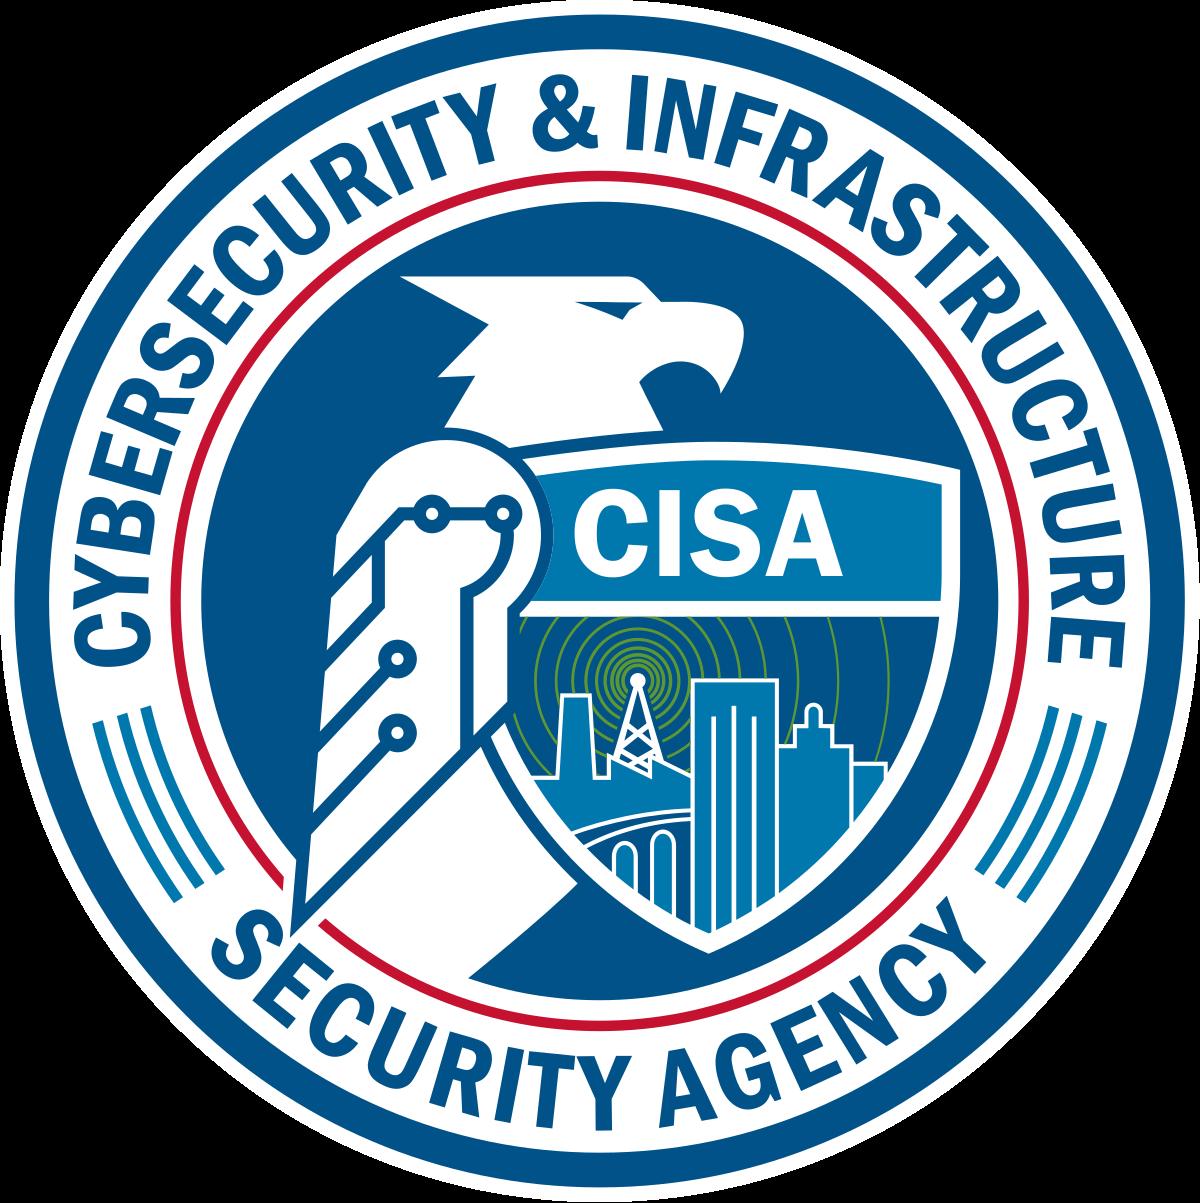 CISA выпустила руководство для пострадавших от атак на SolarWinds и Active Directory/M365